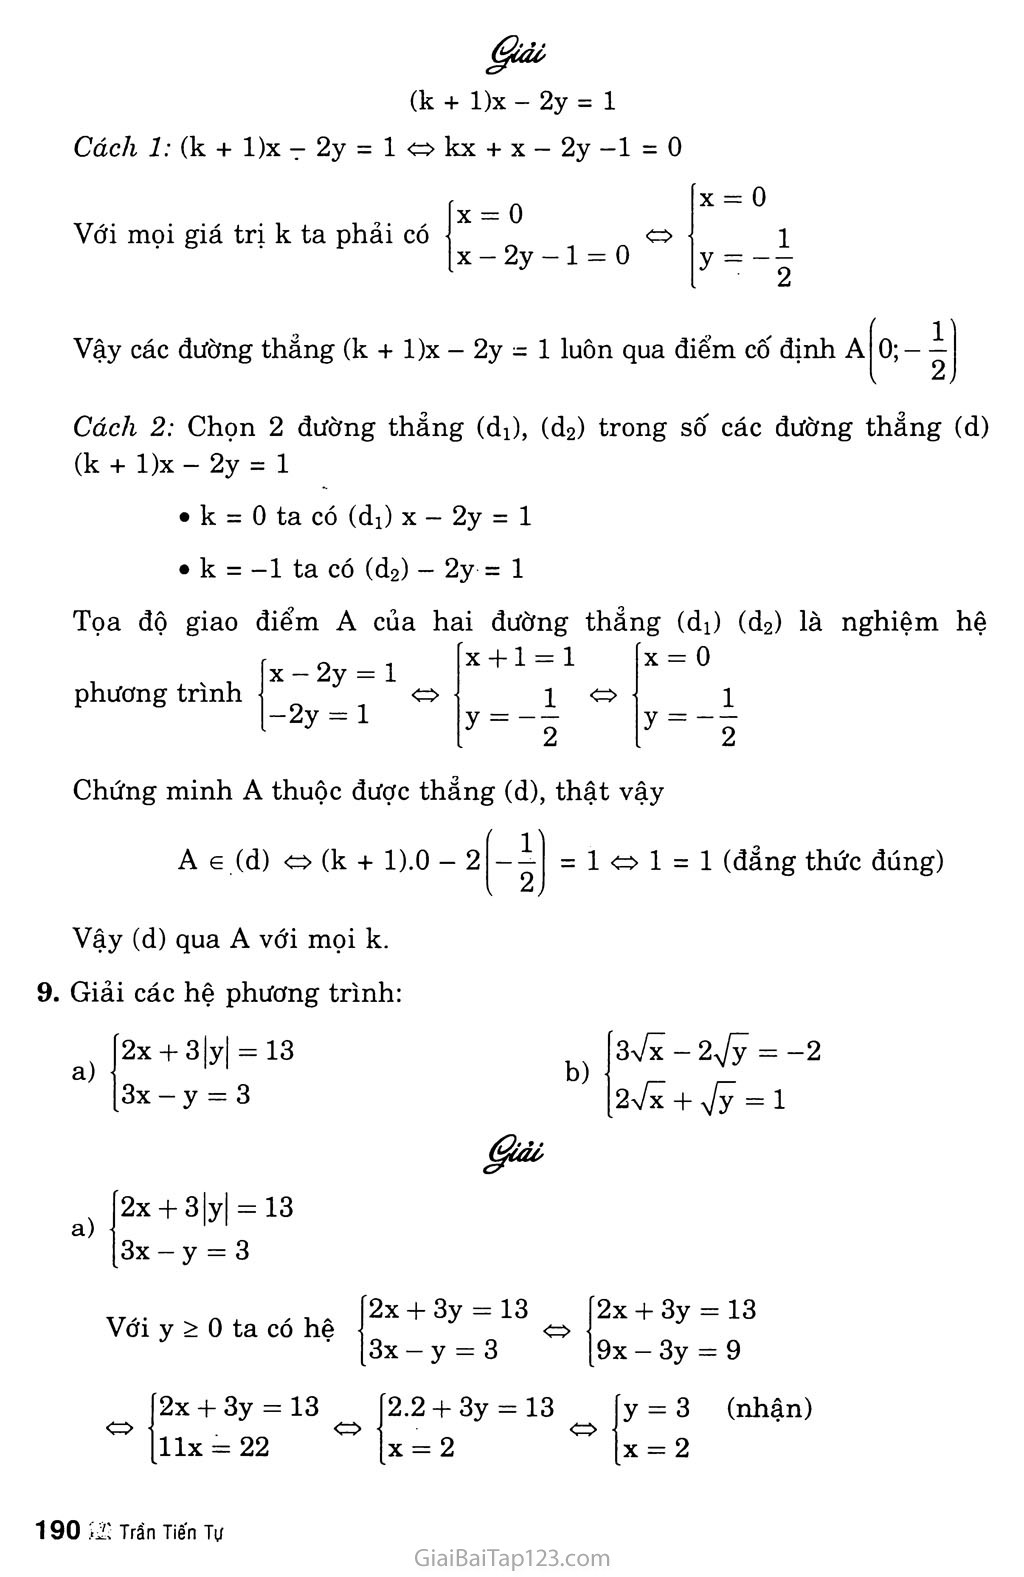 Bài tập ôn cuối năm trang 4